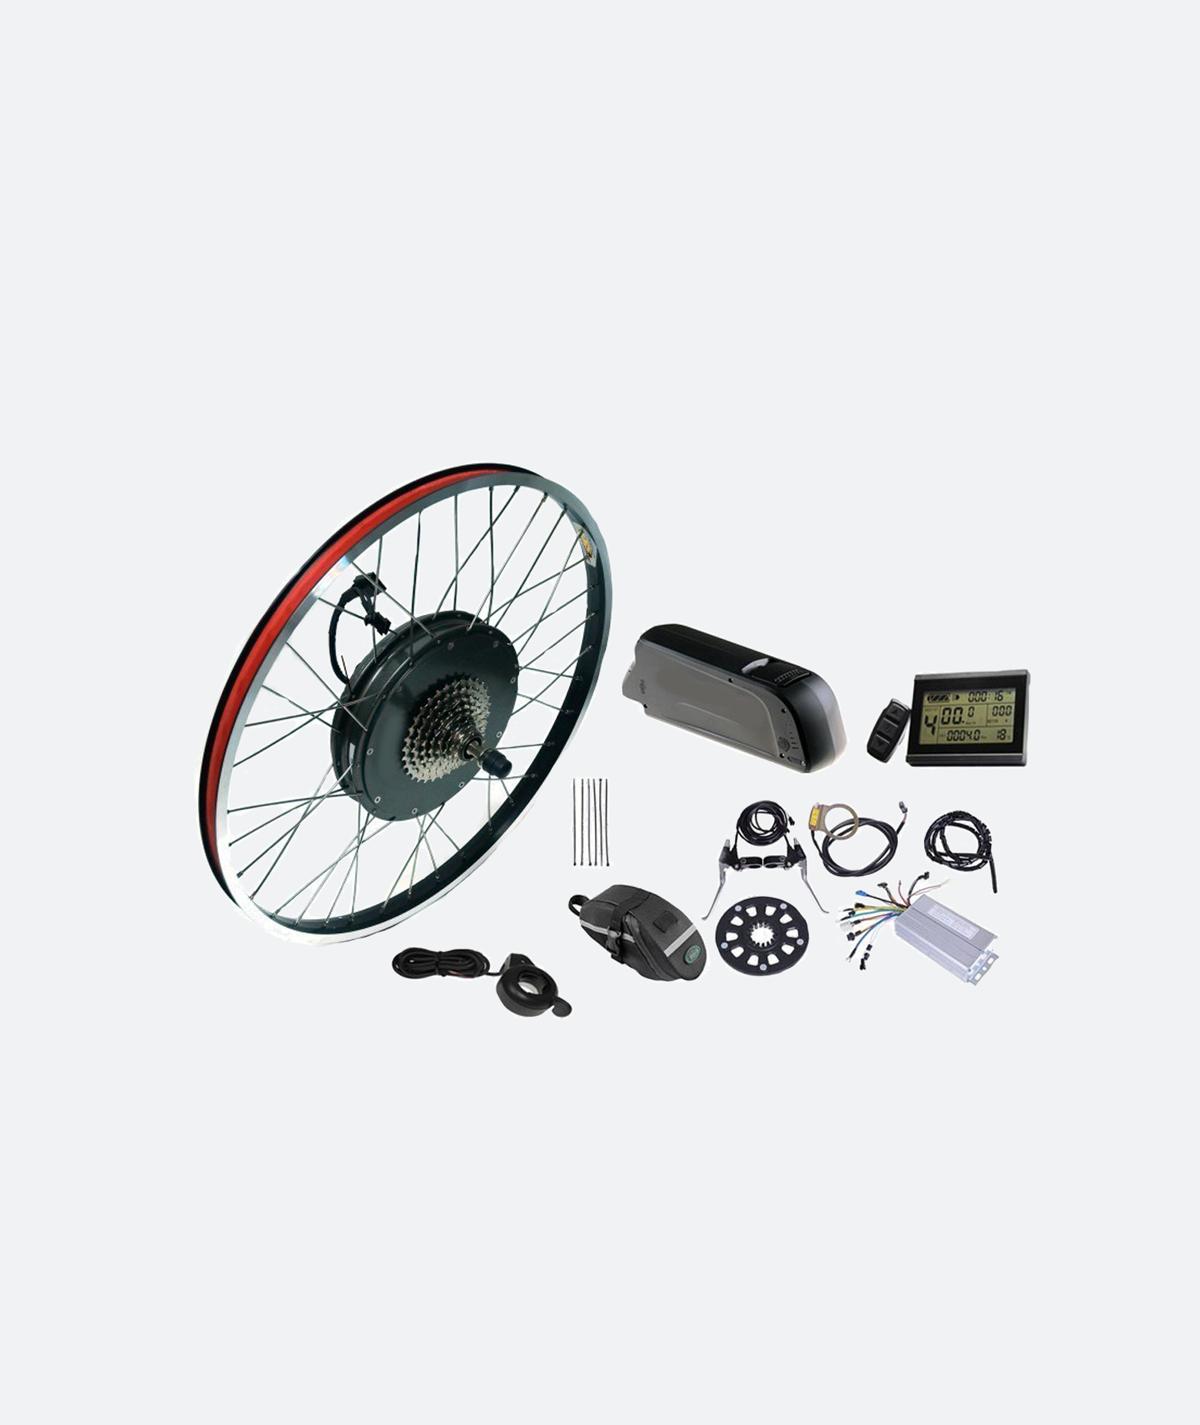 napęd elektryczny do roweru - elementy